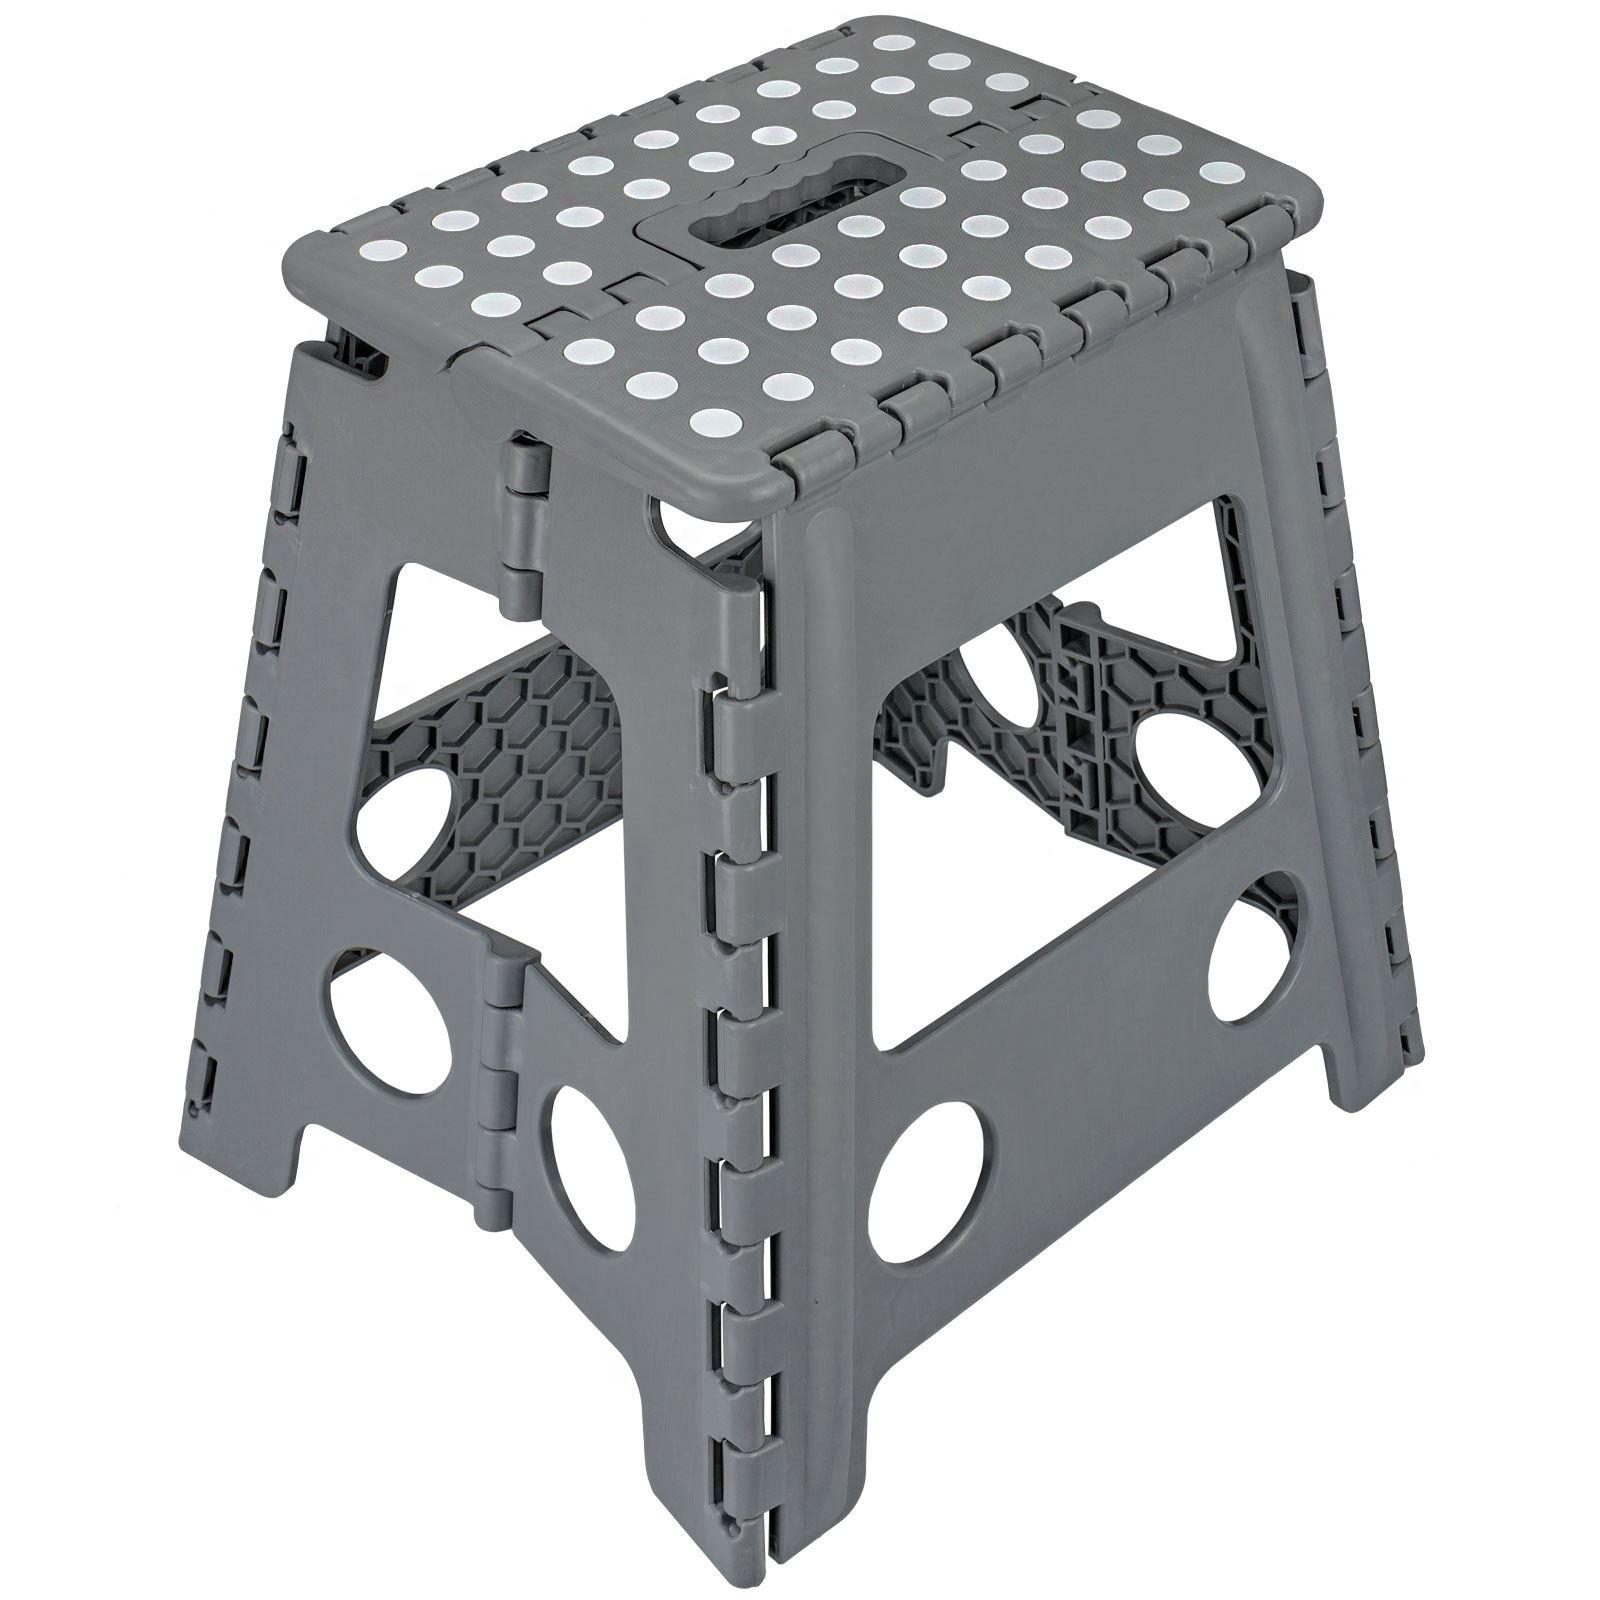 Folding-Foot-Step-Stool-Multi-Purpose-Plastic-Foldable-  sc 1 st  eBay & Folding Foot Step Stool Multi Purpose Plastic Foldable Easy ... islam-shia.org